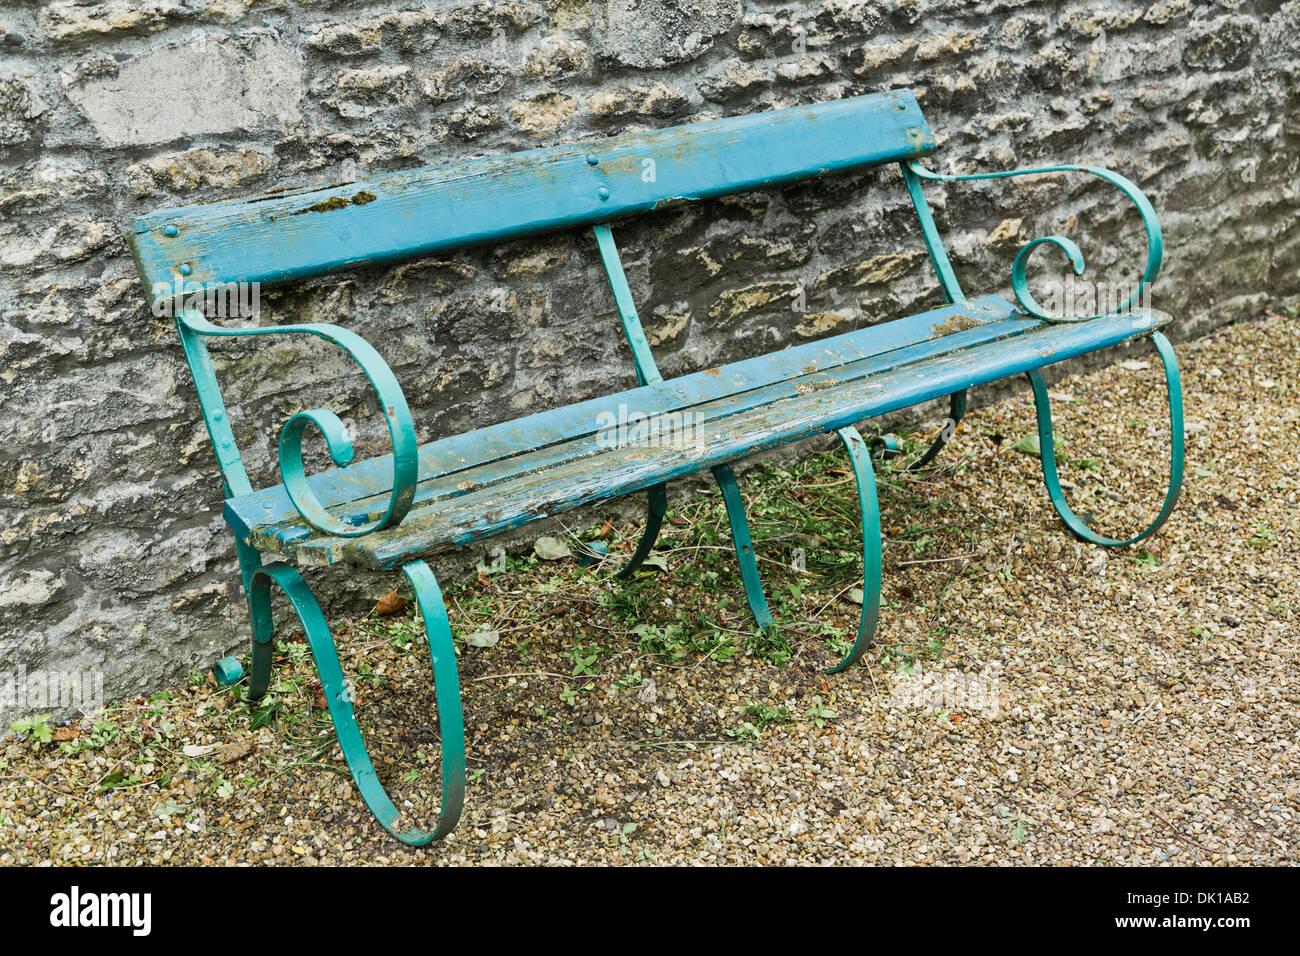 Panchine Da Giardino Legno E Ghisa : Vecchia panchina da giardino con doghe in legno e struttura in